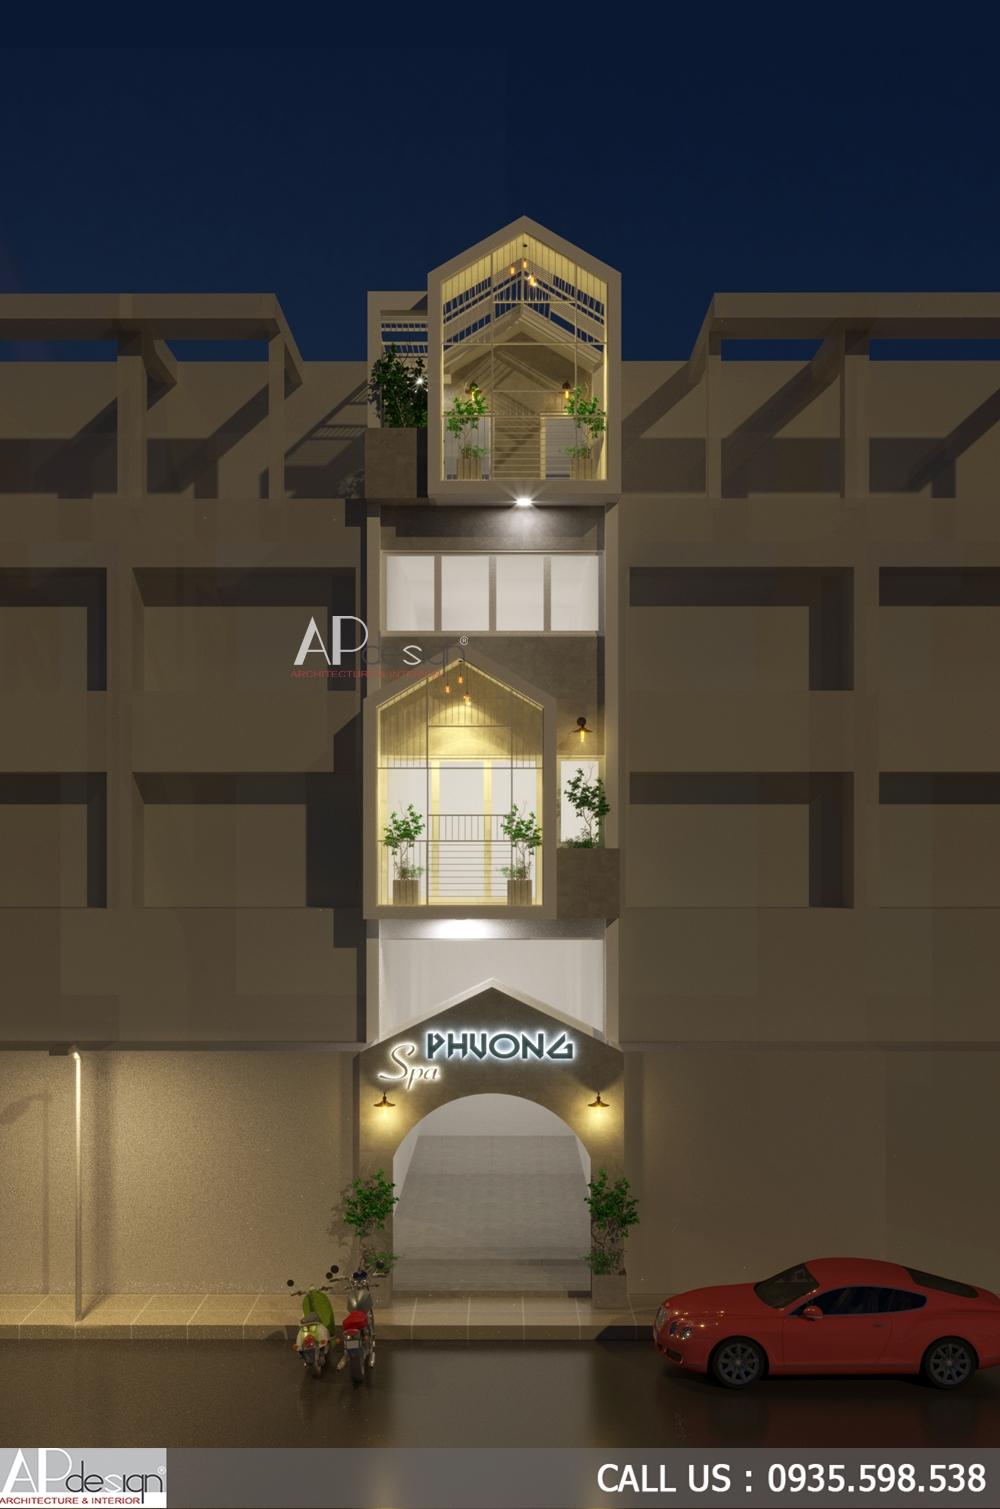 Thiết kế nhà phố kết hợp kinh doanh SPa.